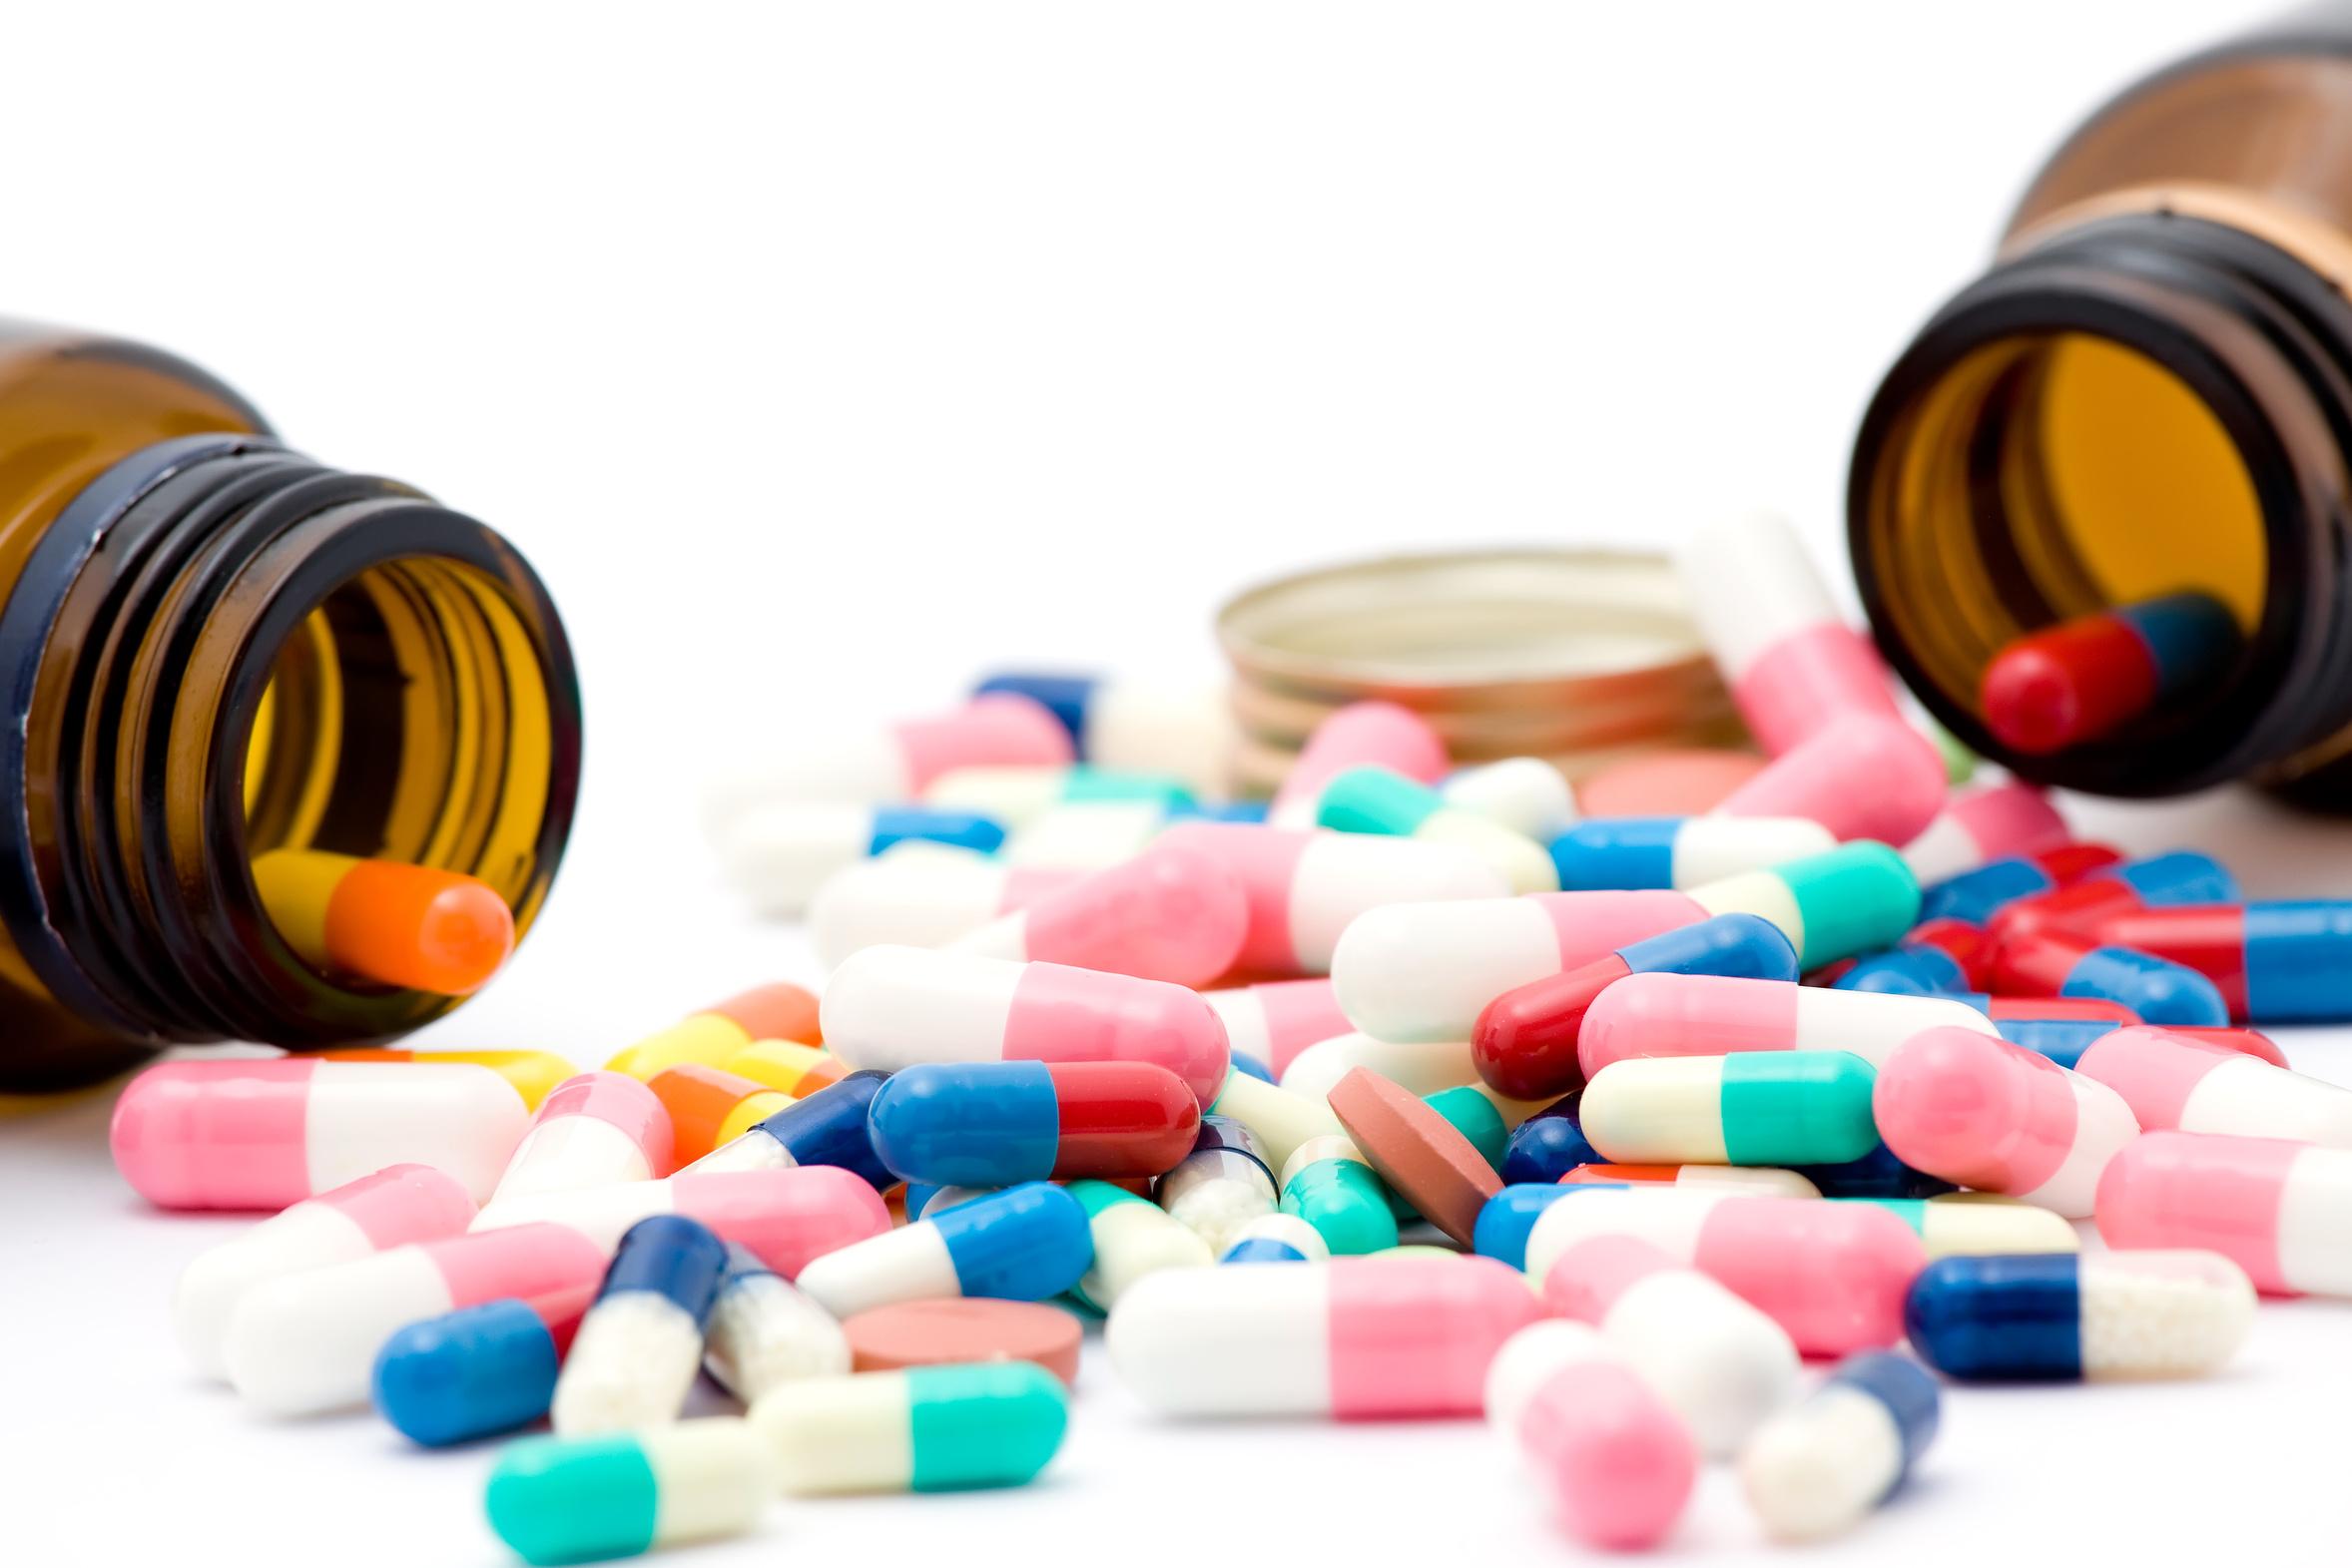 تقرير طبي يدعو الفرنسيين لتجنب 79 دواءً ضررها أكثر من نفعها